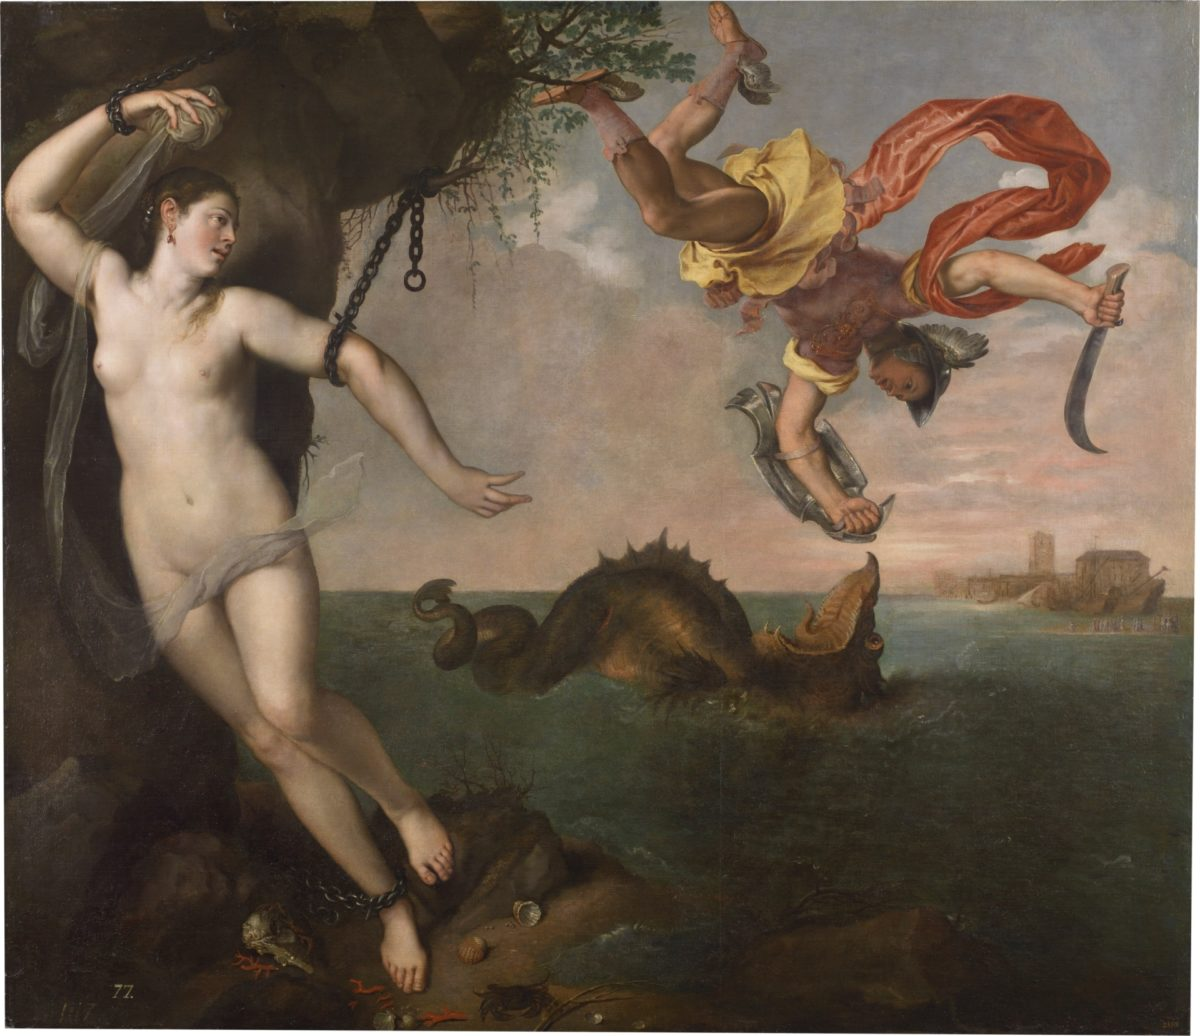 プラド美術館の名画で楽しむギリシャ神話、ギリシャ神話は面白い。